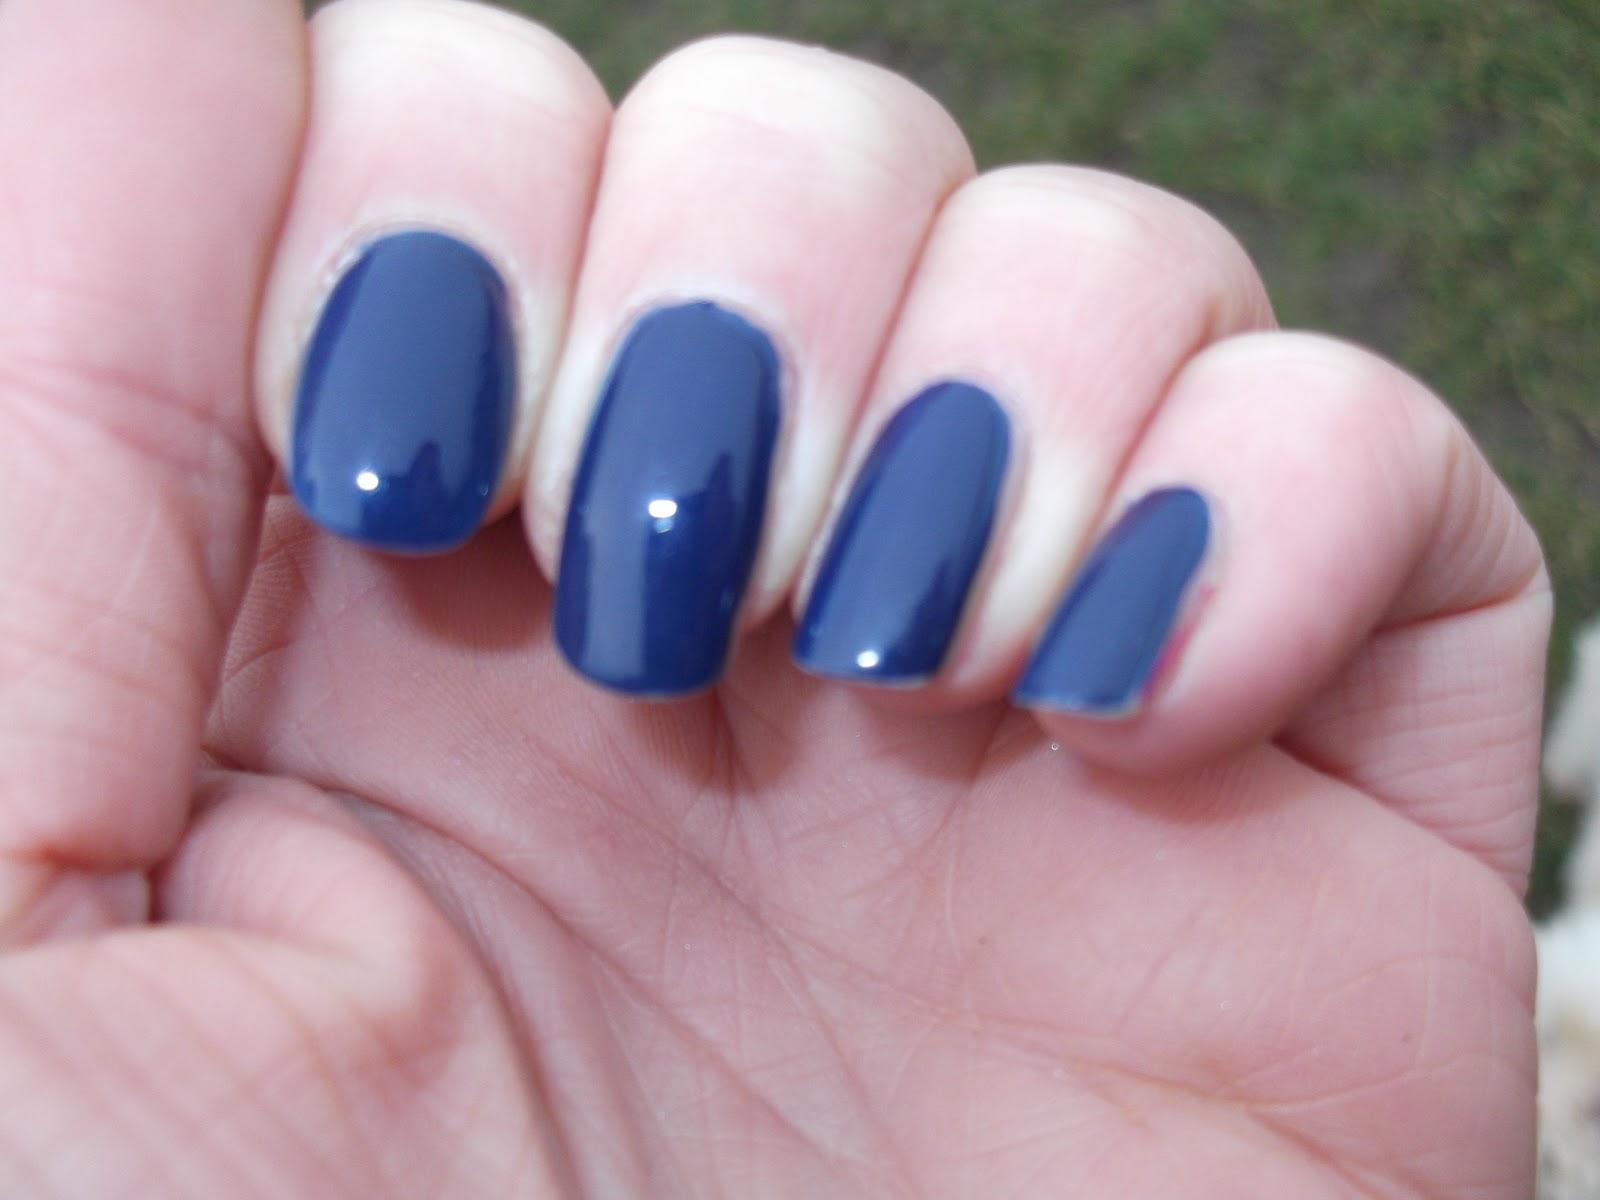 Maybelline Forever Strong Pro Porcelain Nails: Blue Denim ...